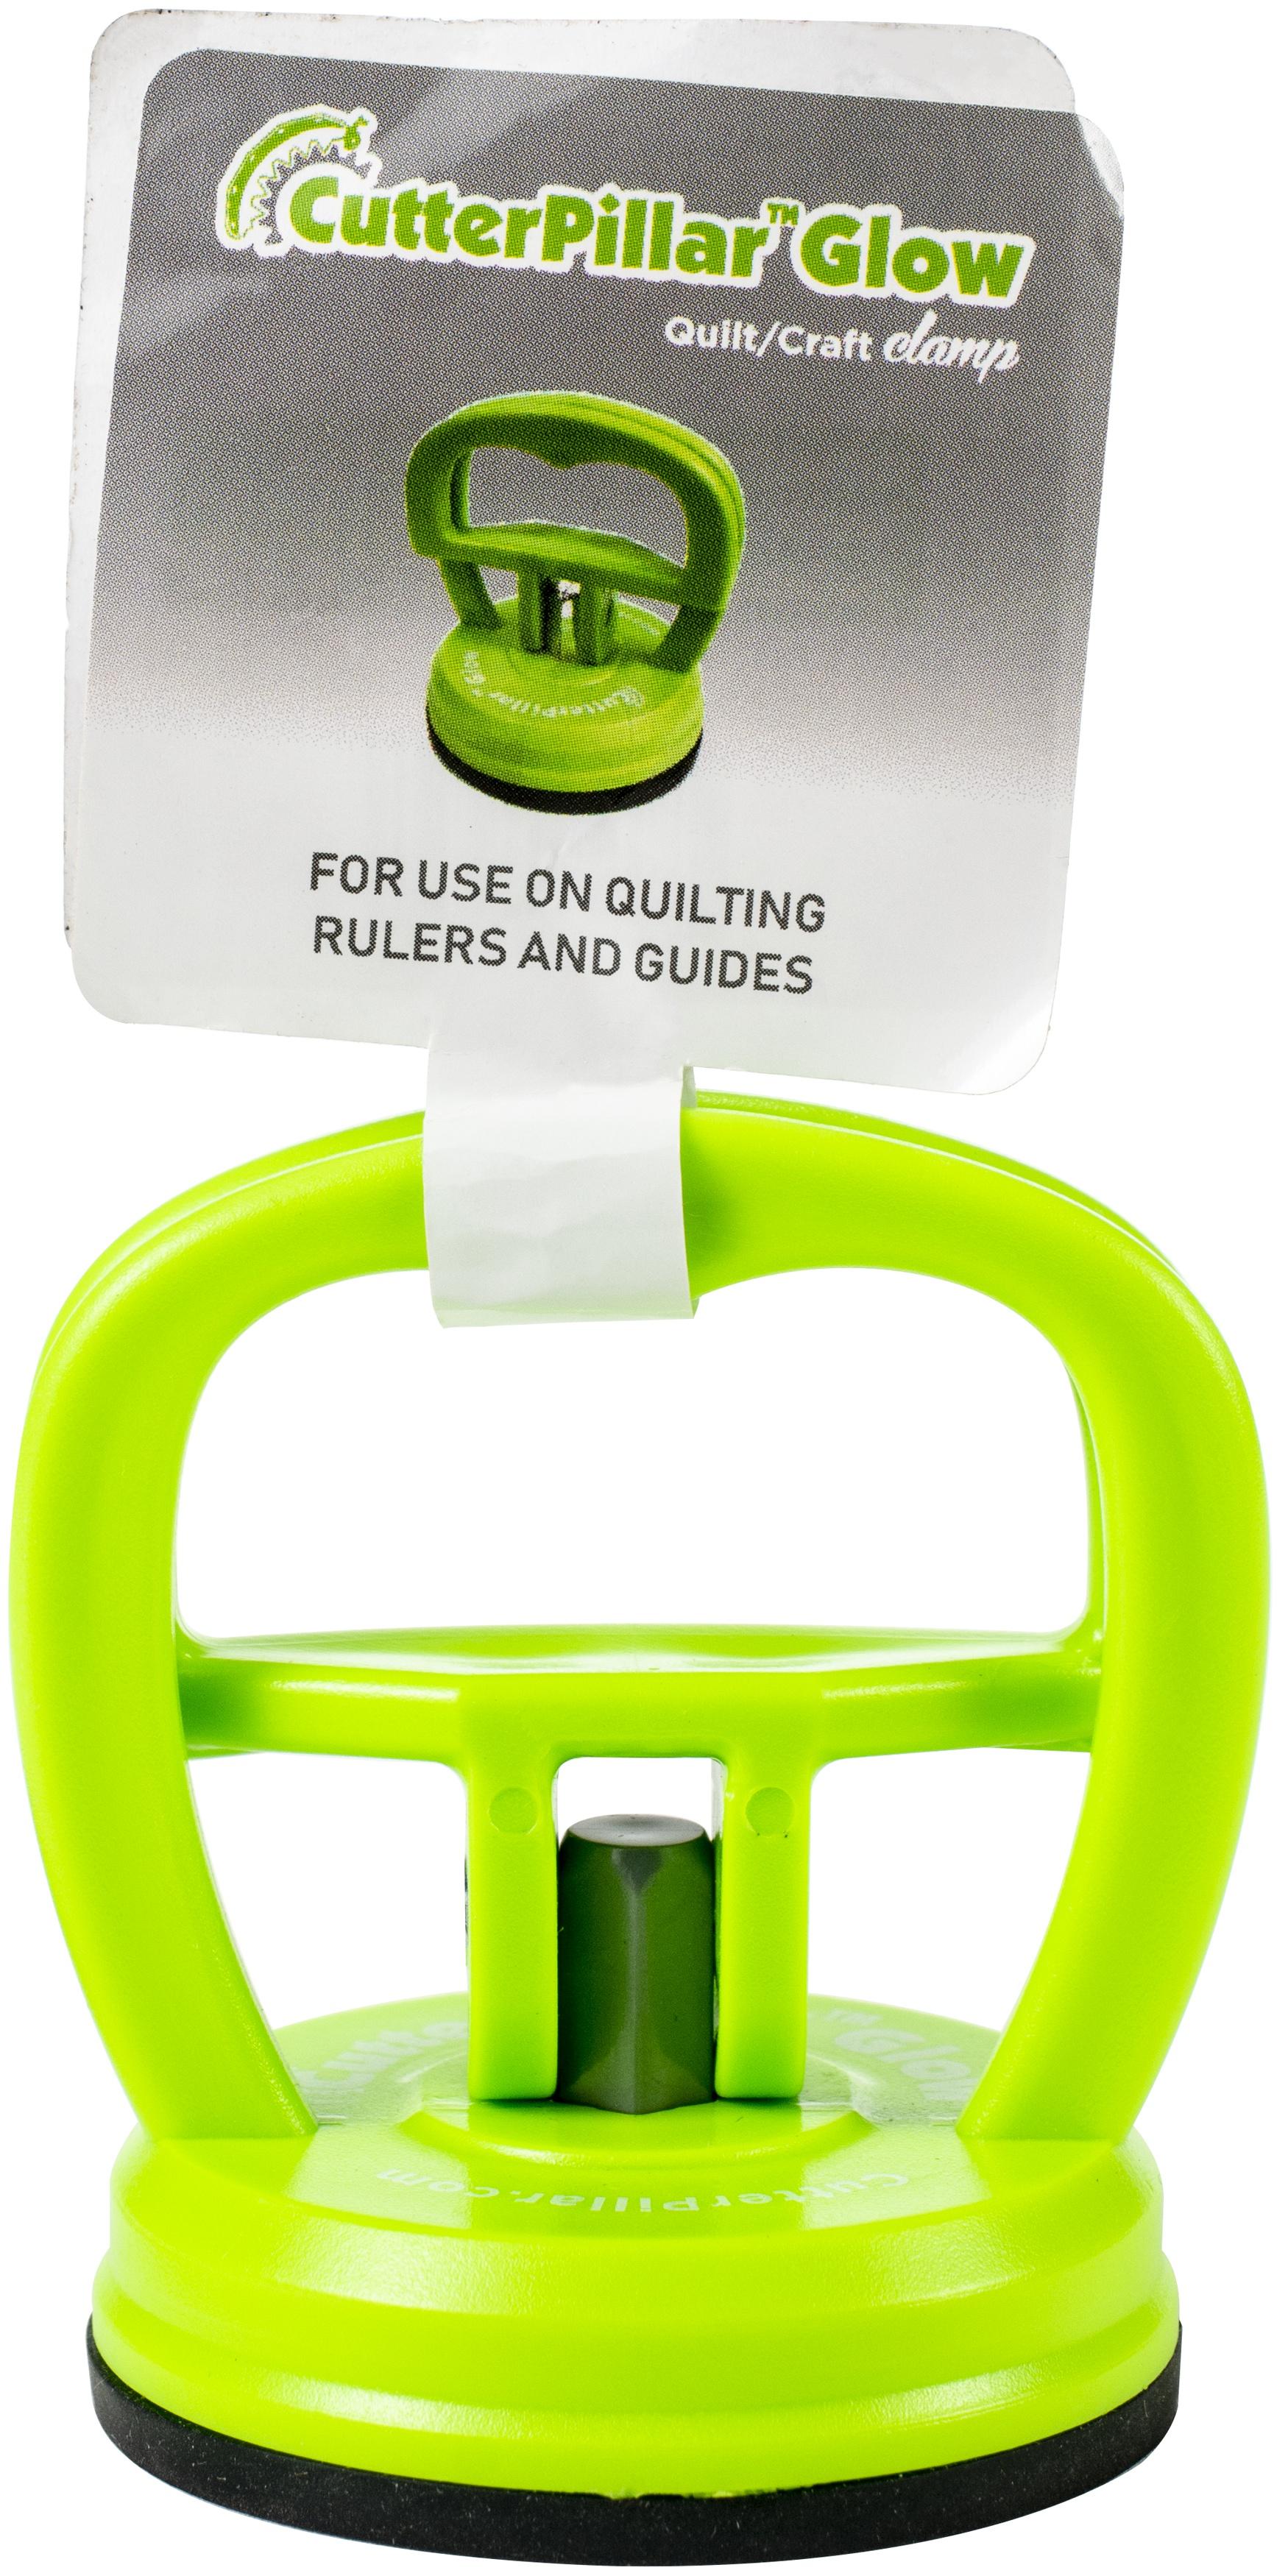 Cutterpillar Quilting Clamp -